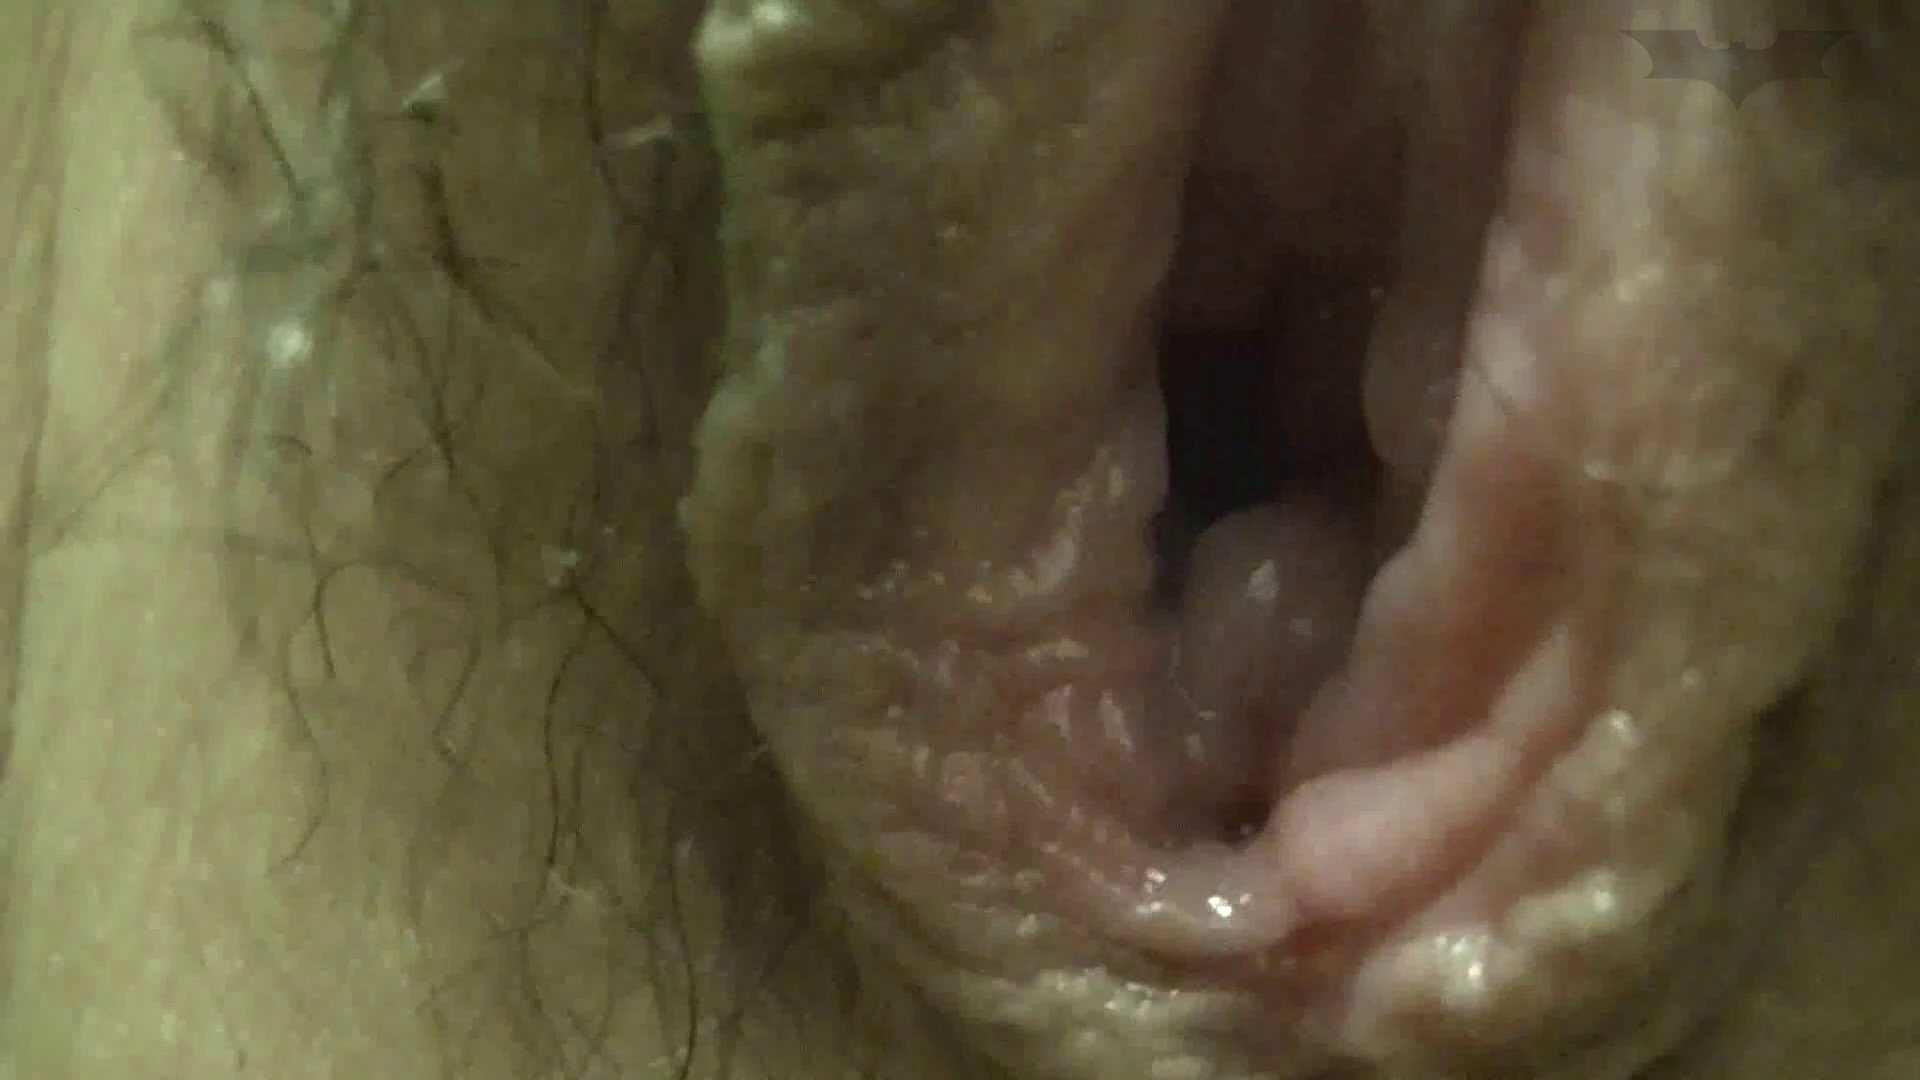 衝撃 半開きの目はガチです。 影 対 新妻裕香 いじくり 隠し撮りオマンコ動画紹介 83連発 83